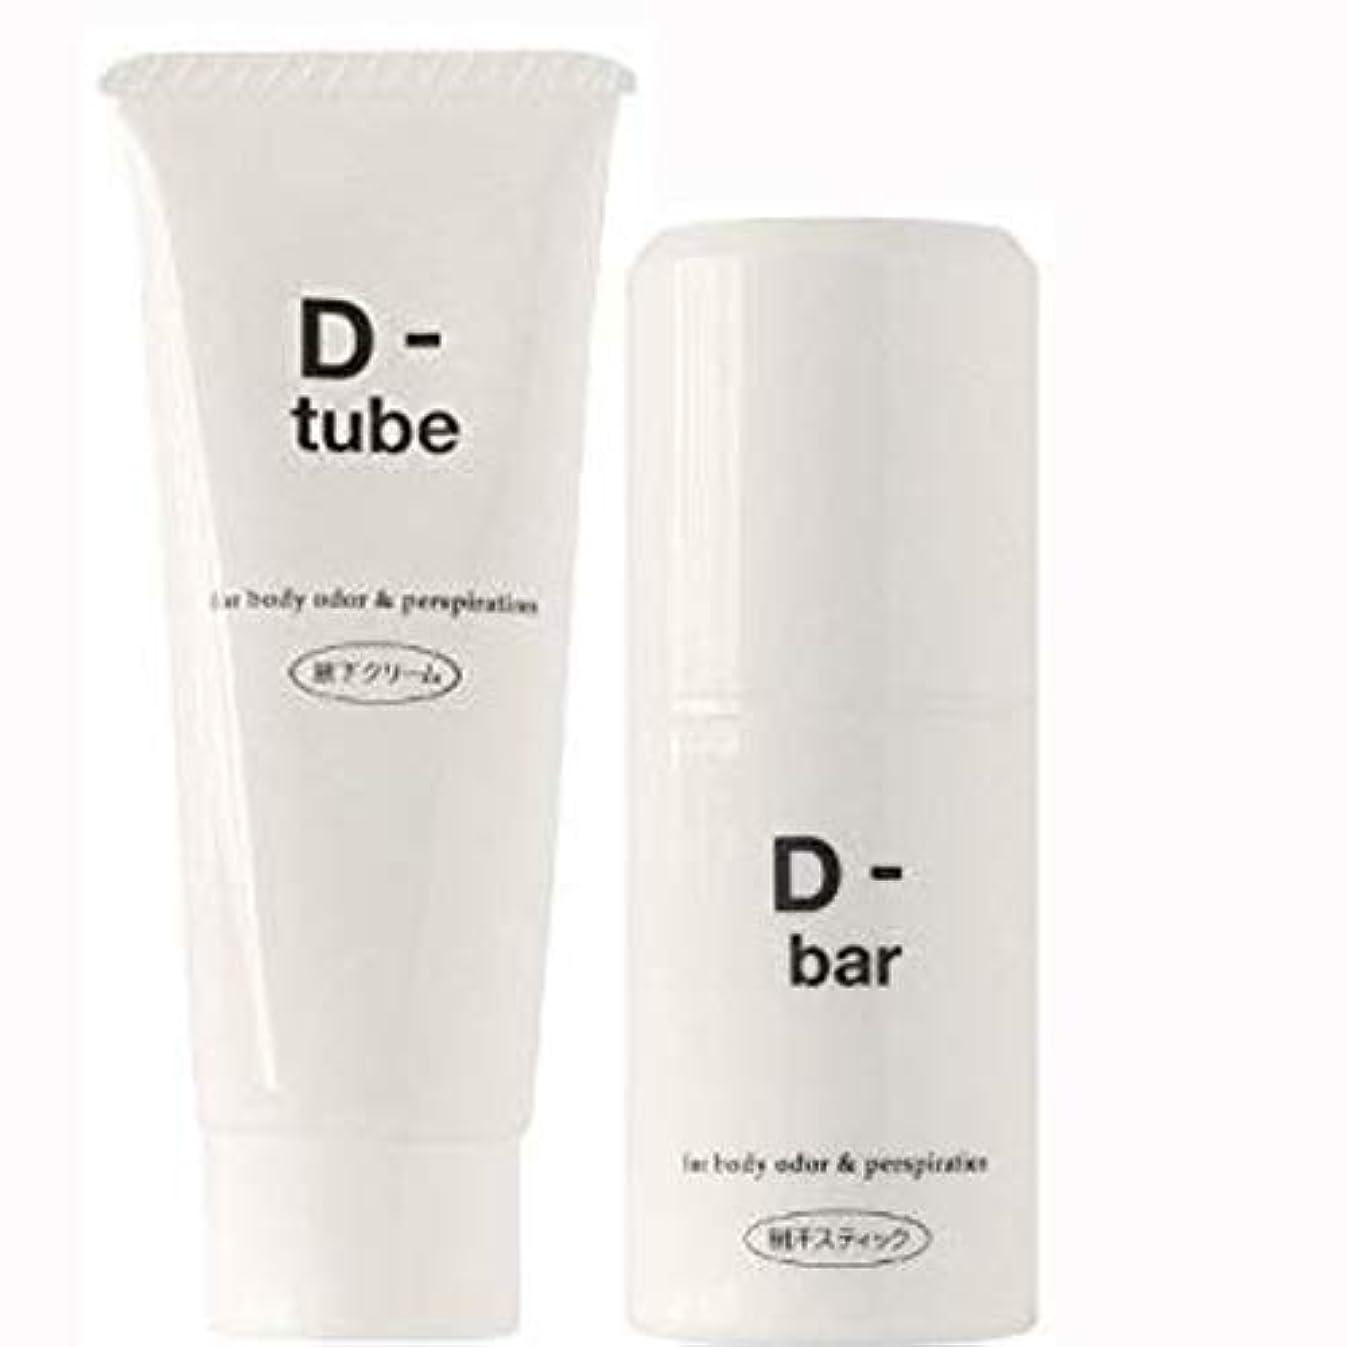 紀元前マオリウェブ【セット】ディーチューブ(D-tube)+ディーバーセット(4511116760024+4511116760017)